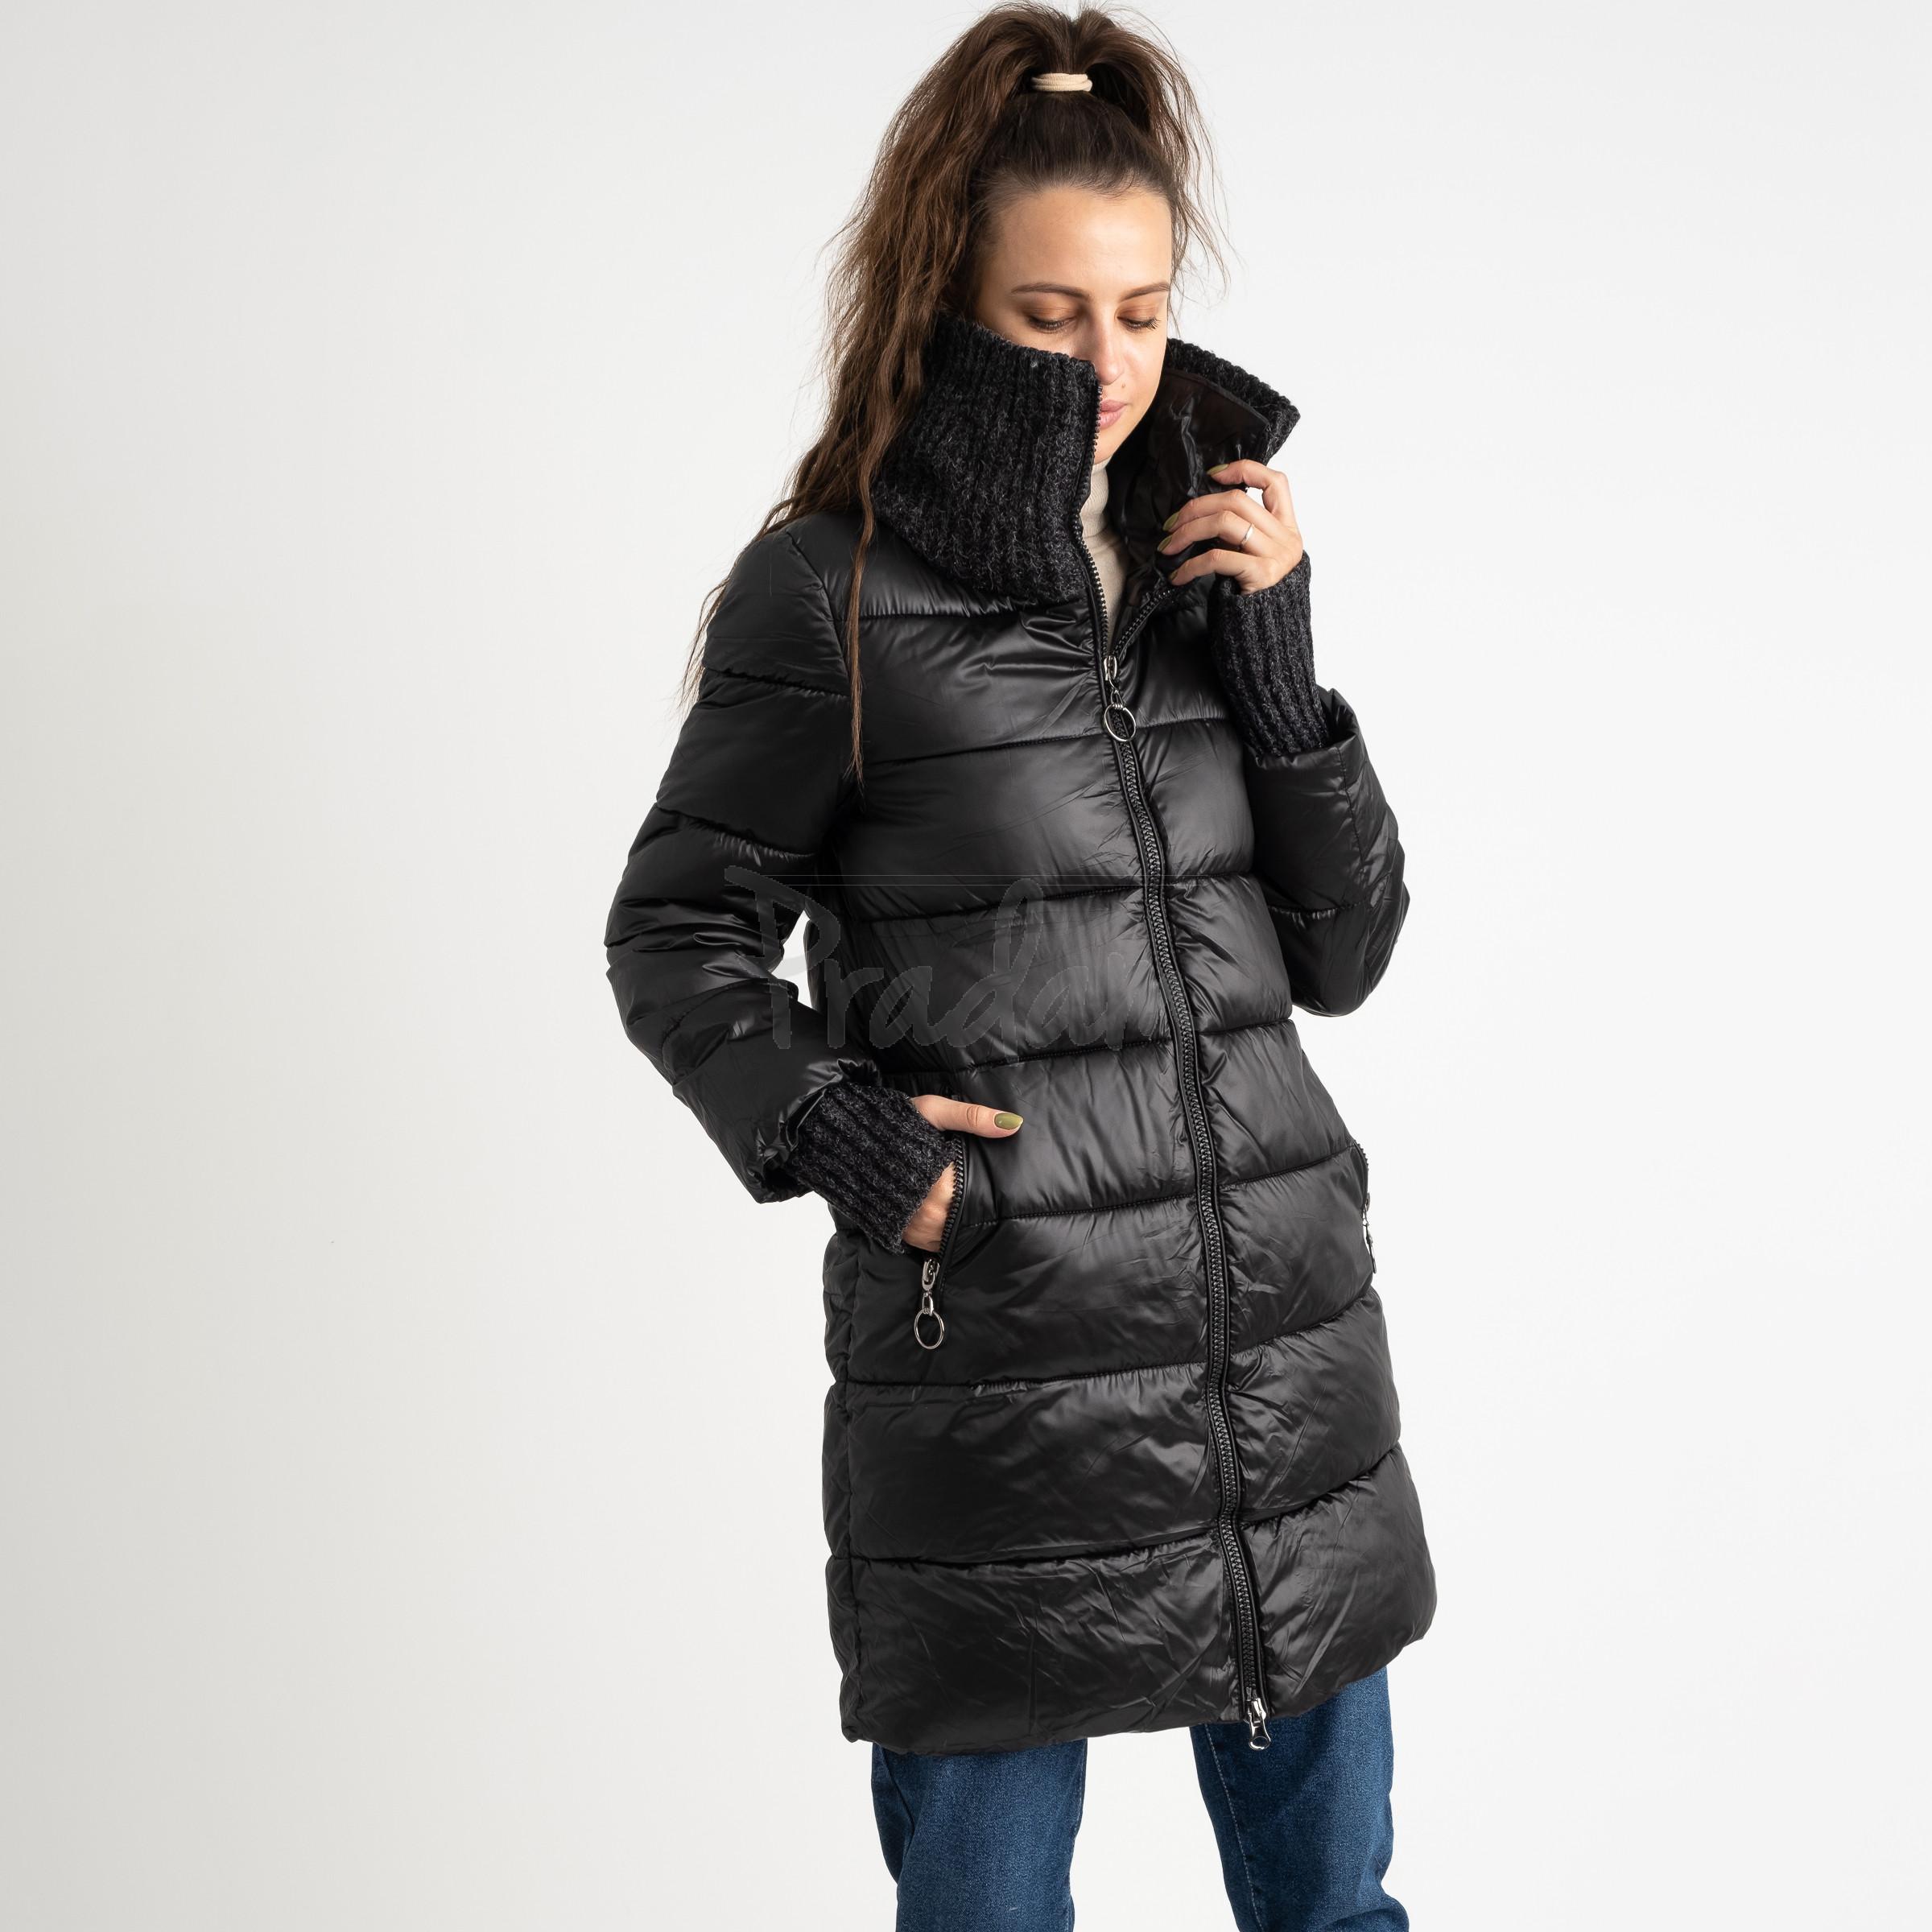 8802-1 черная куртка женская на синтепоне (4 ед.размеры: M.L.XL.XXL)